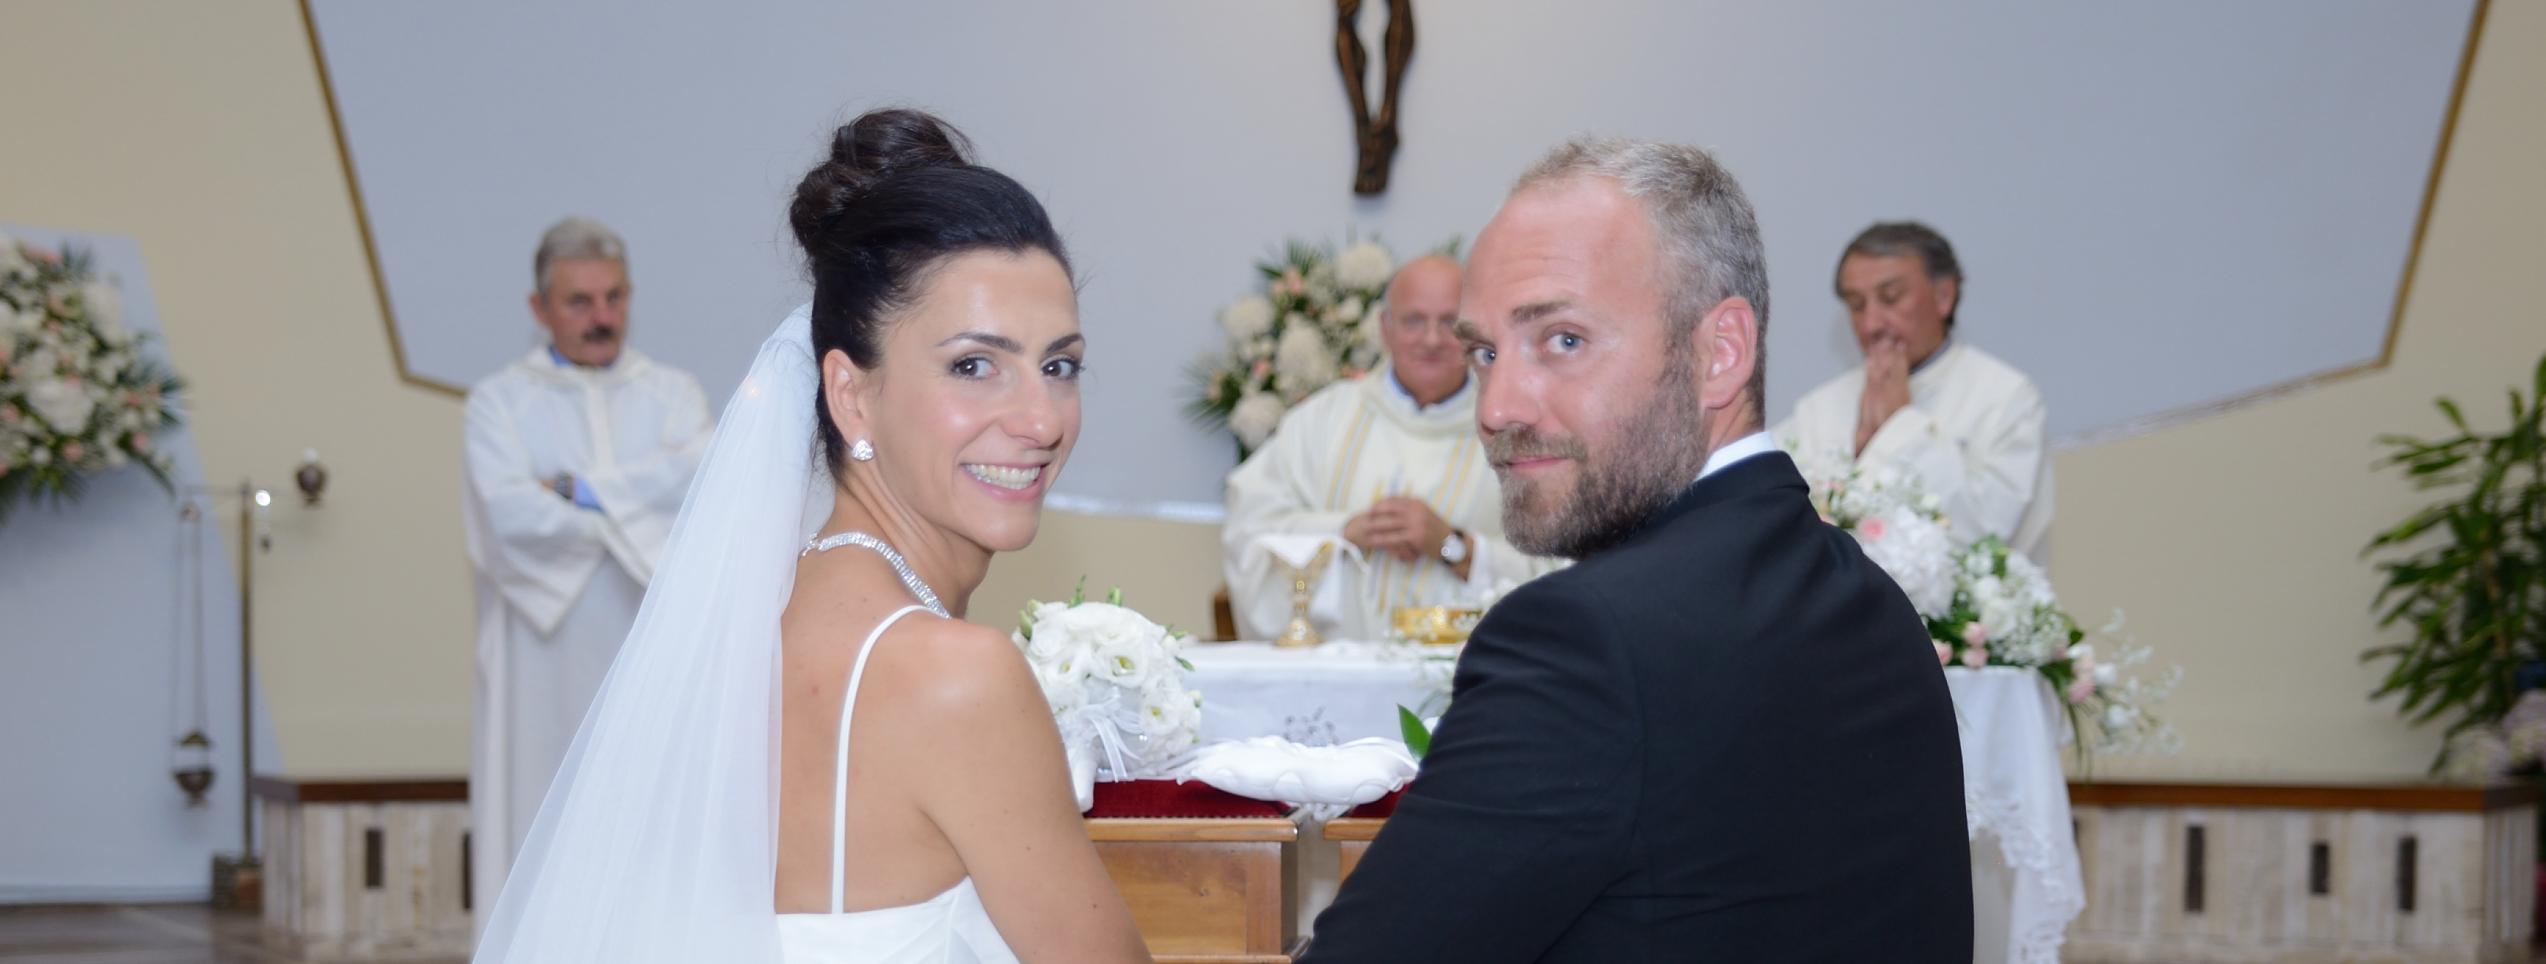 Matrimonio di Antonio e Serena [16-7-16] (139)